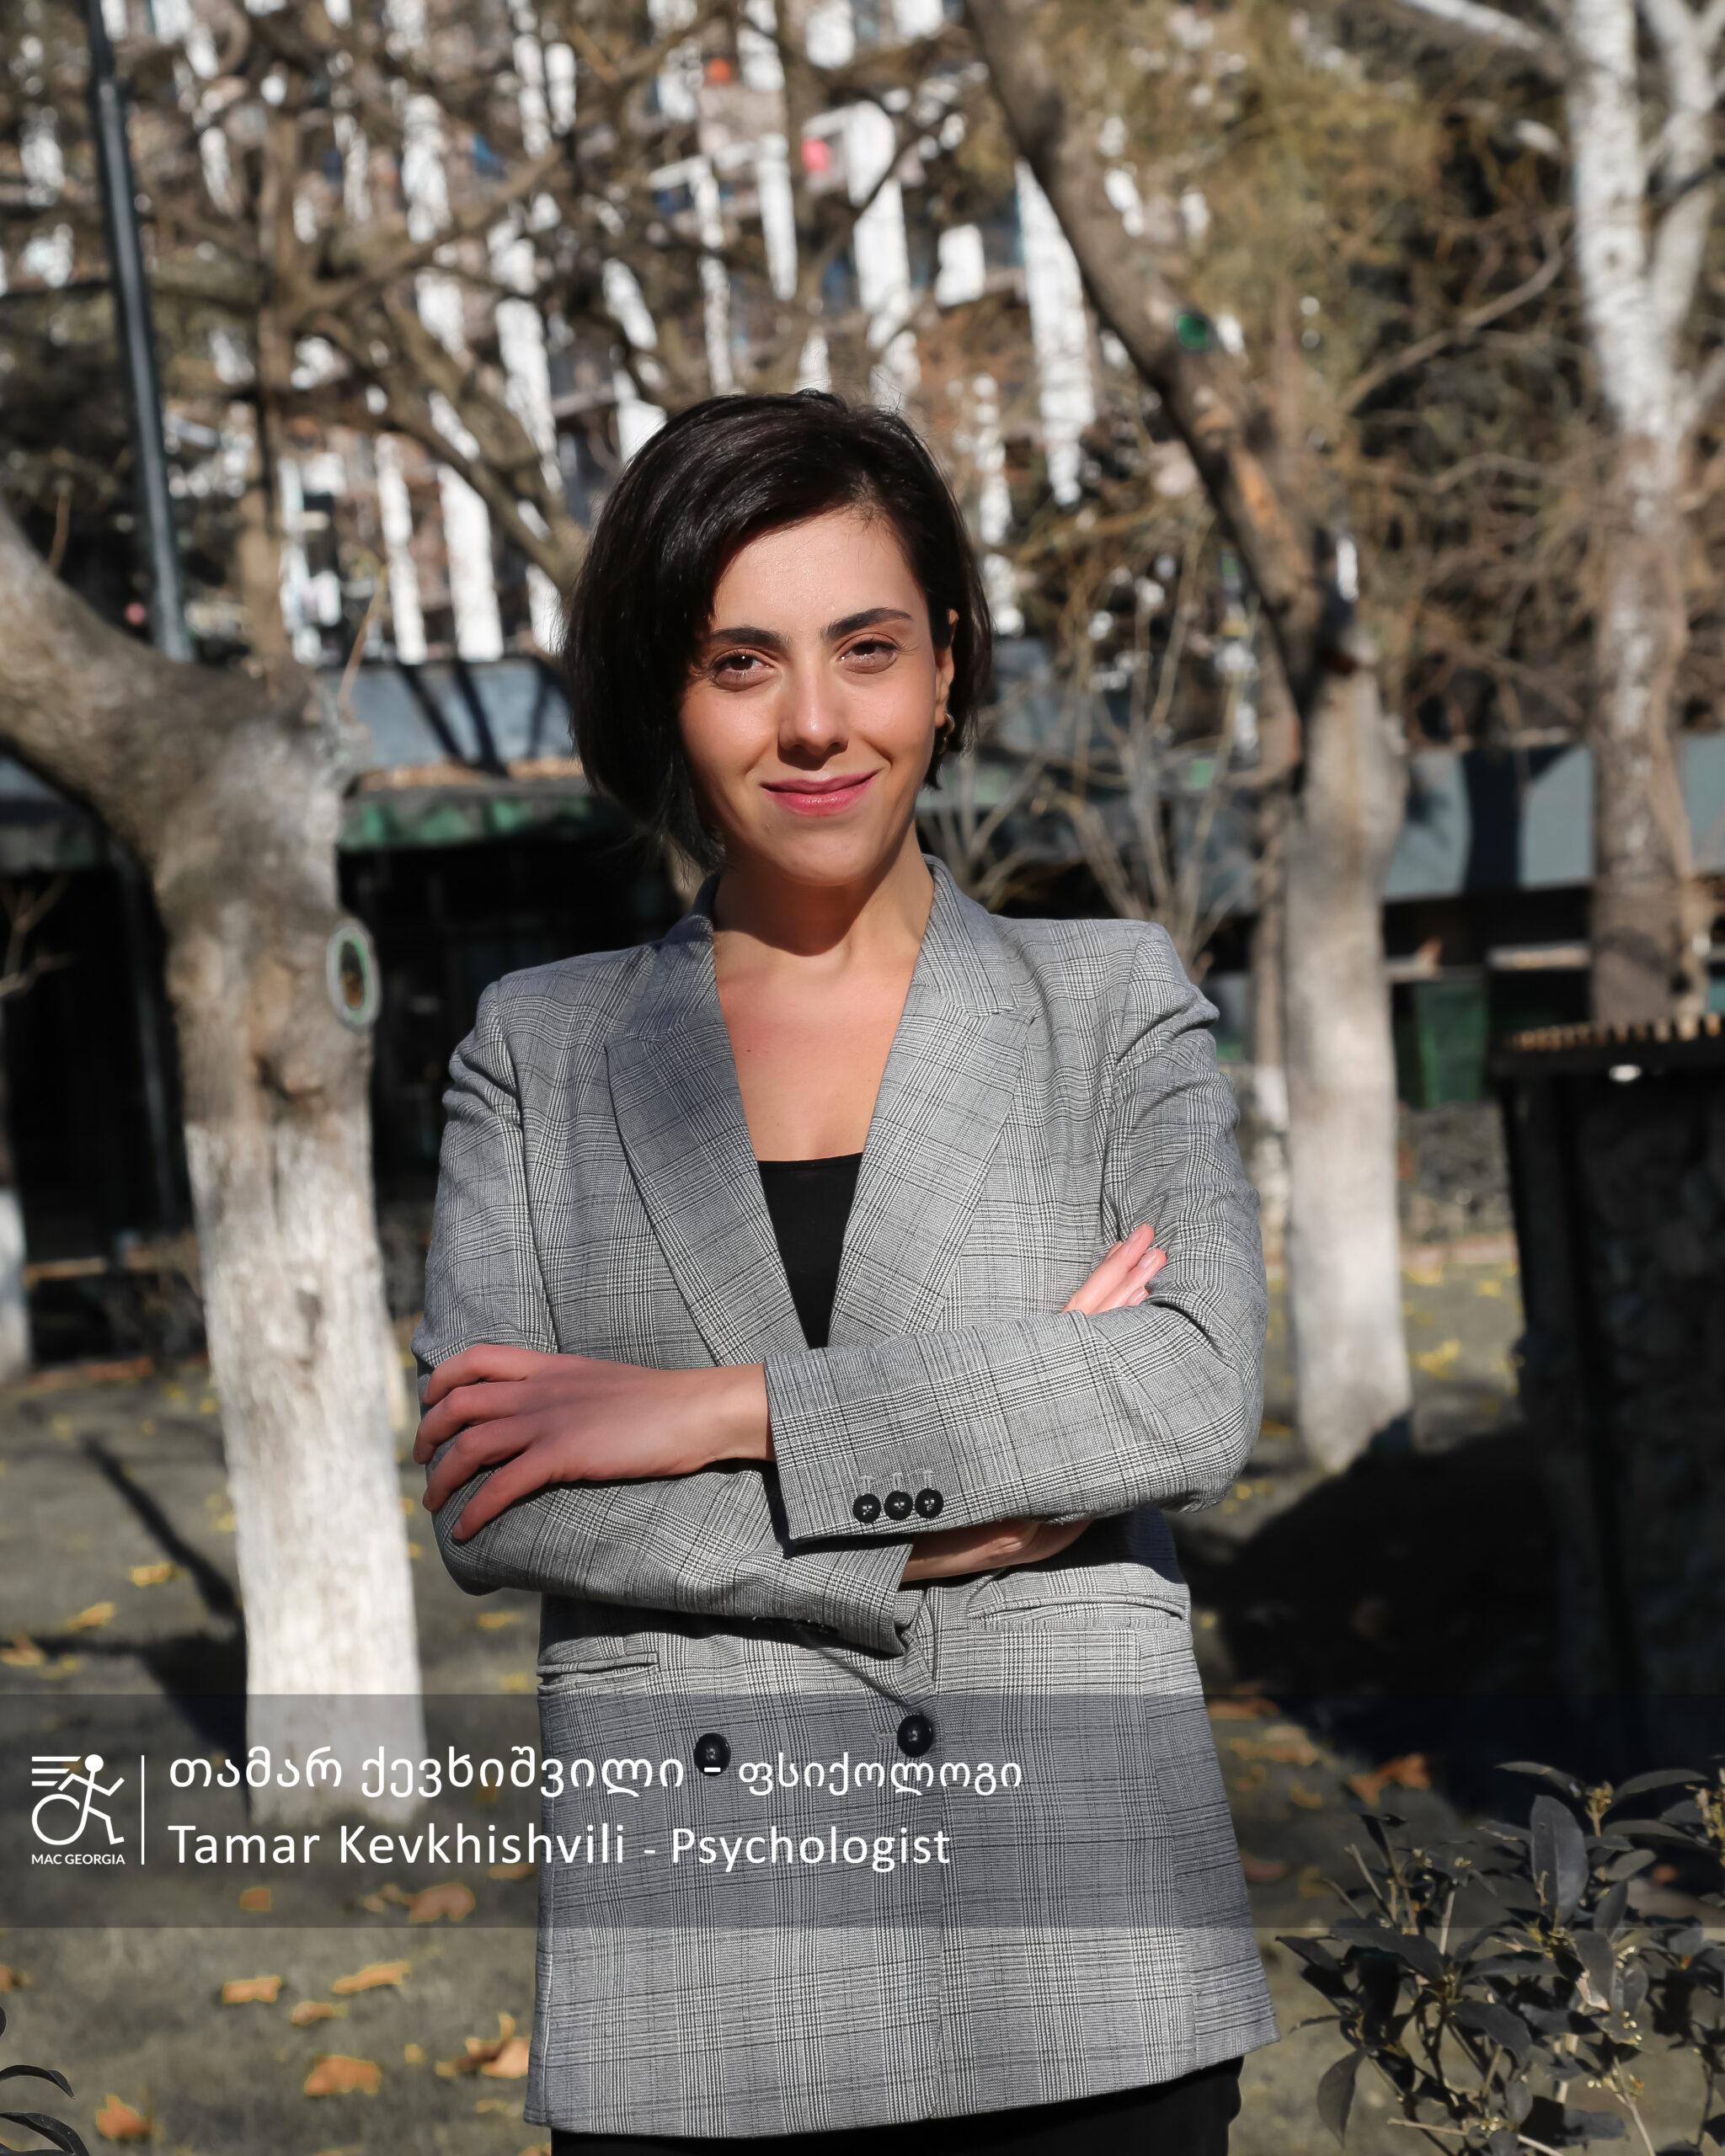 tamar kevkhishvili